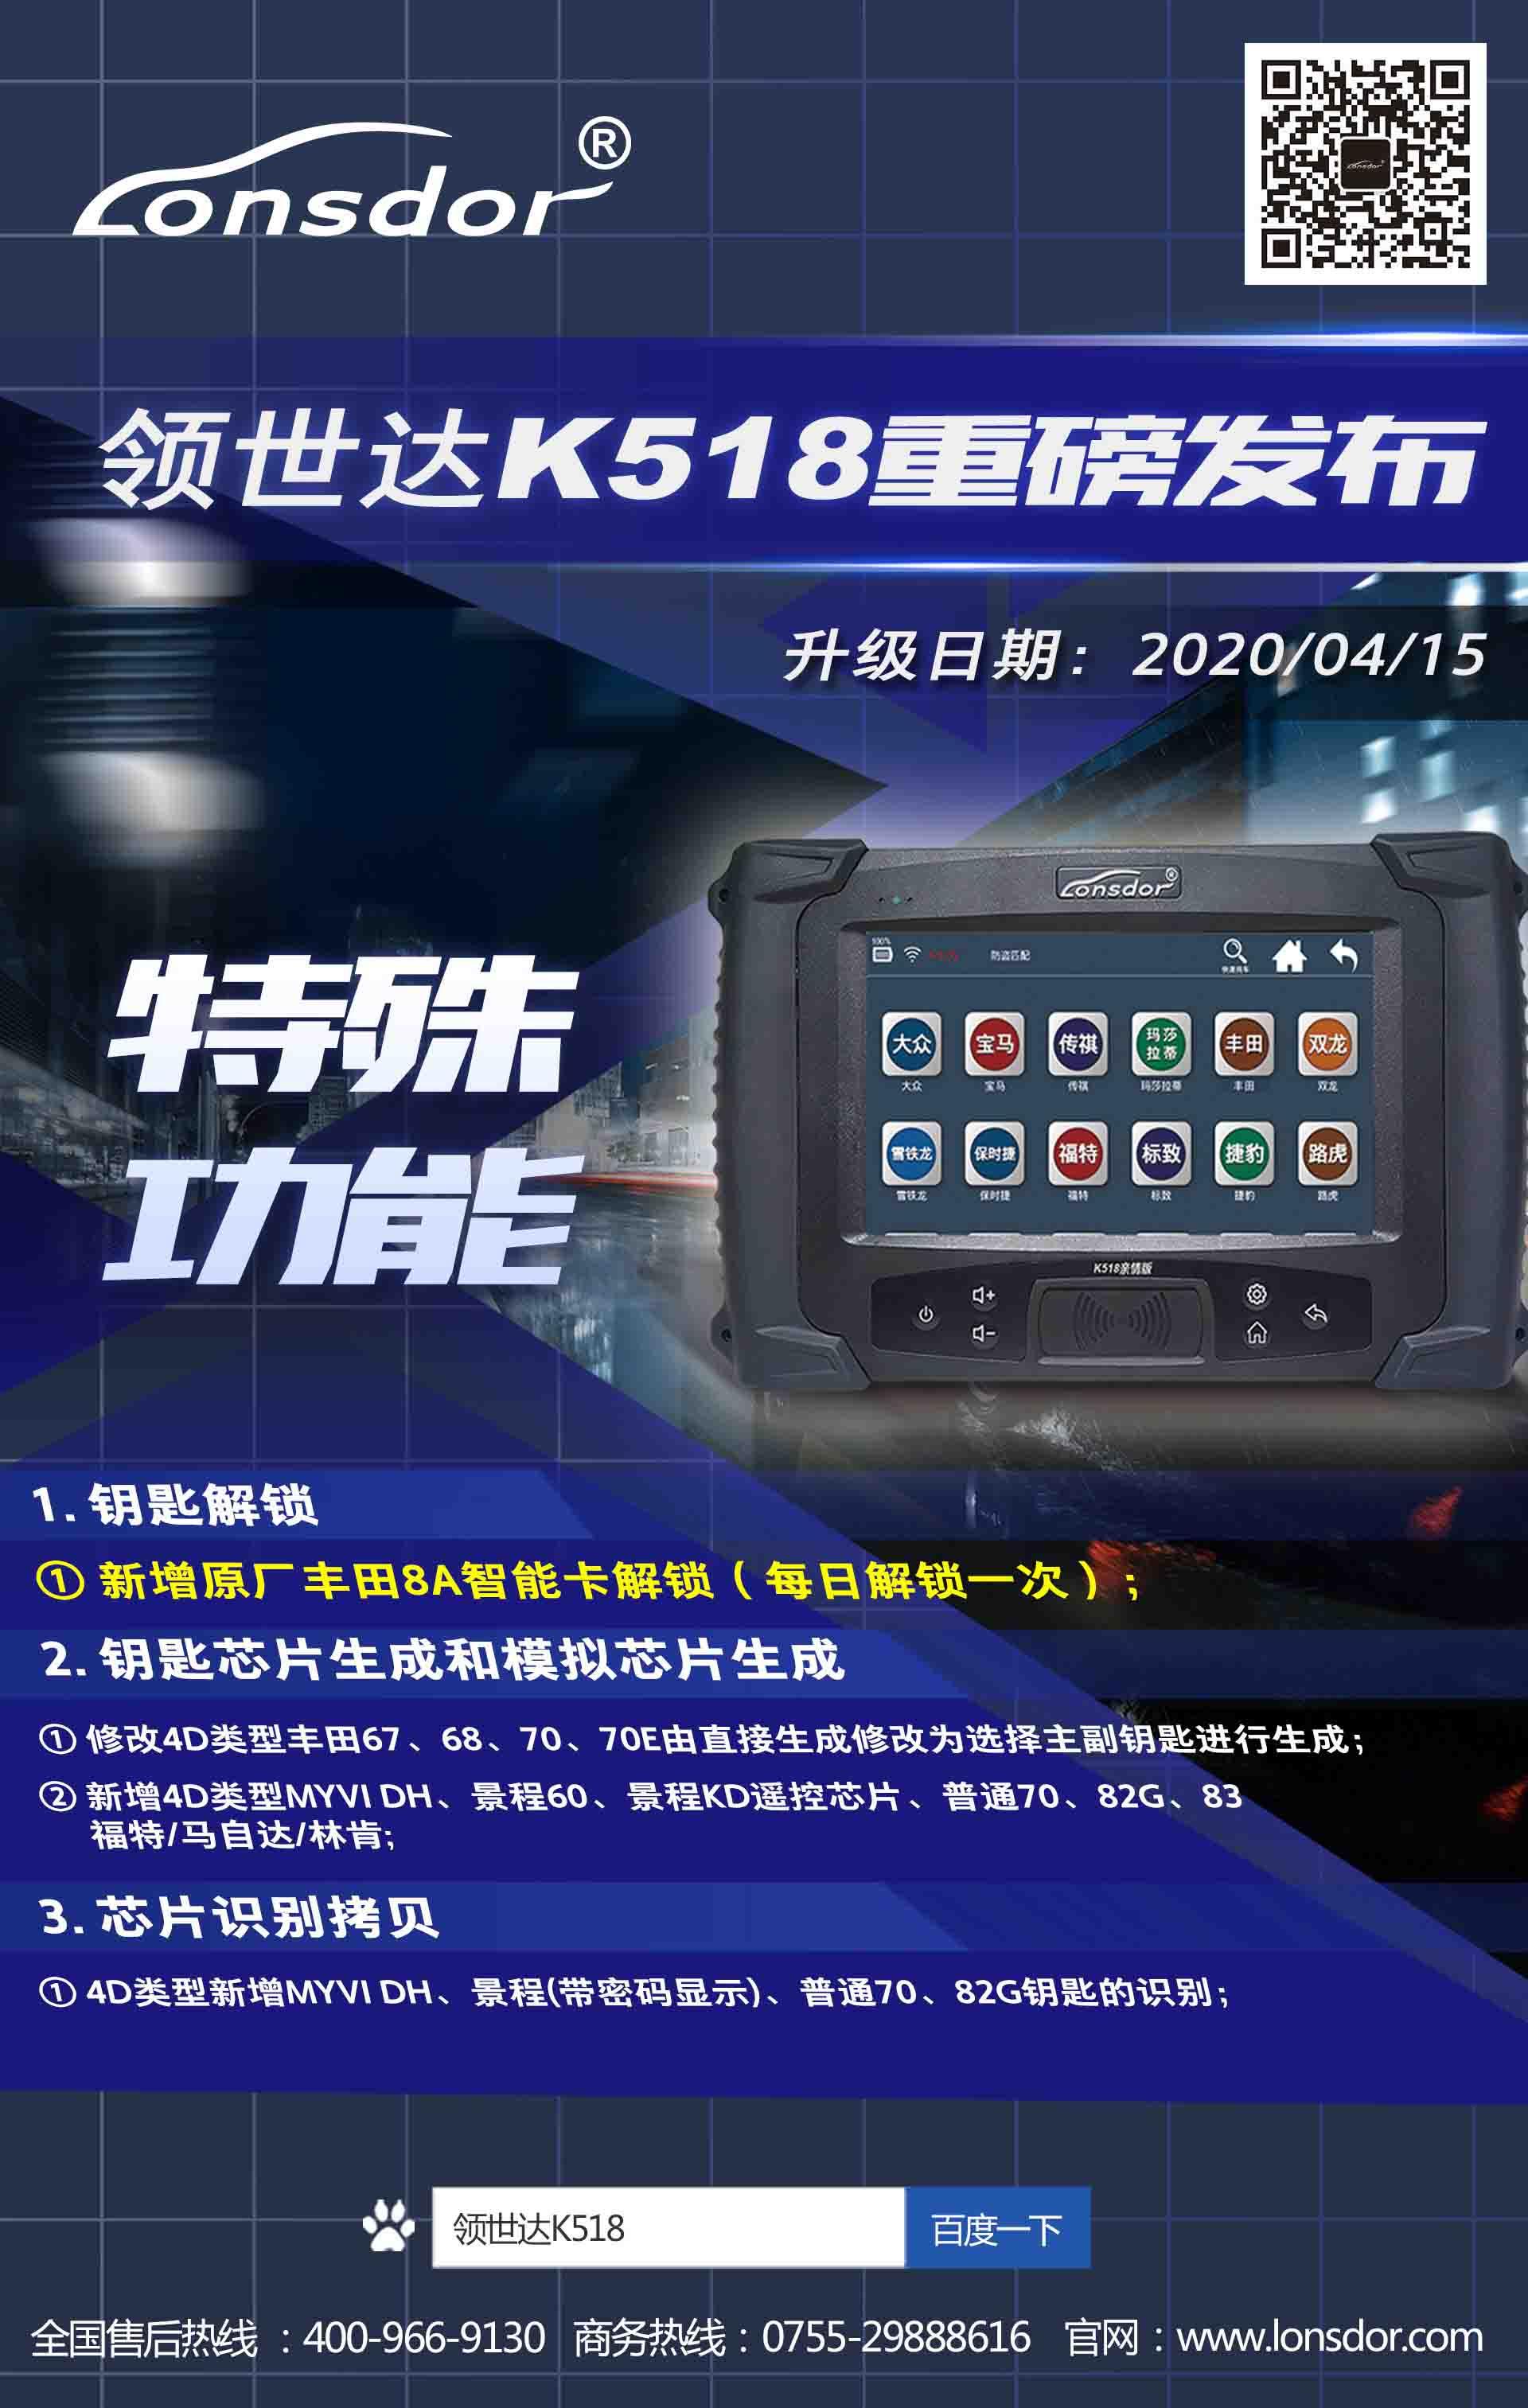 特殊功能2020414